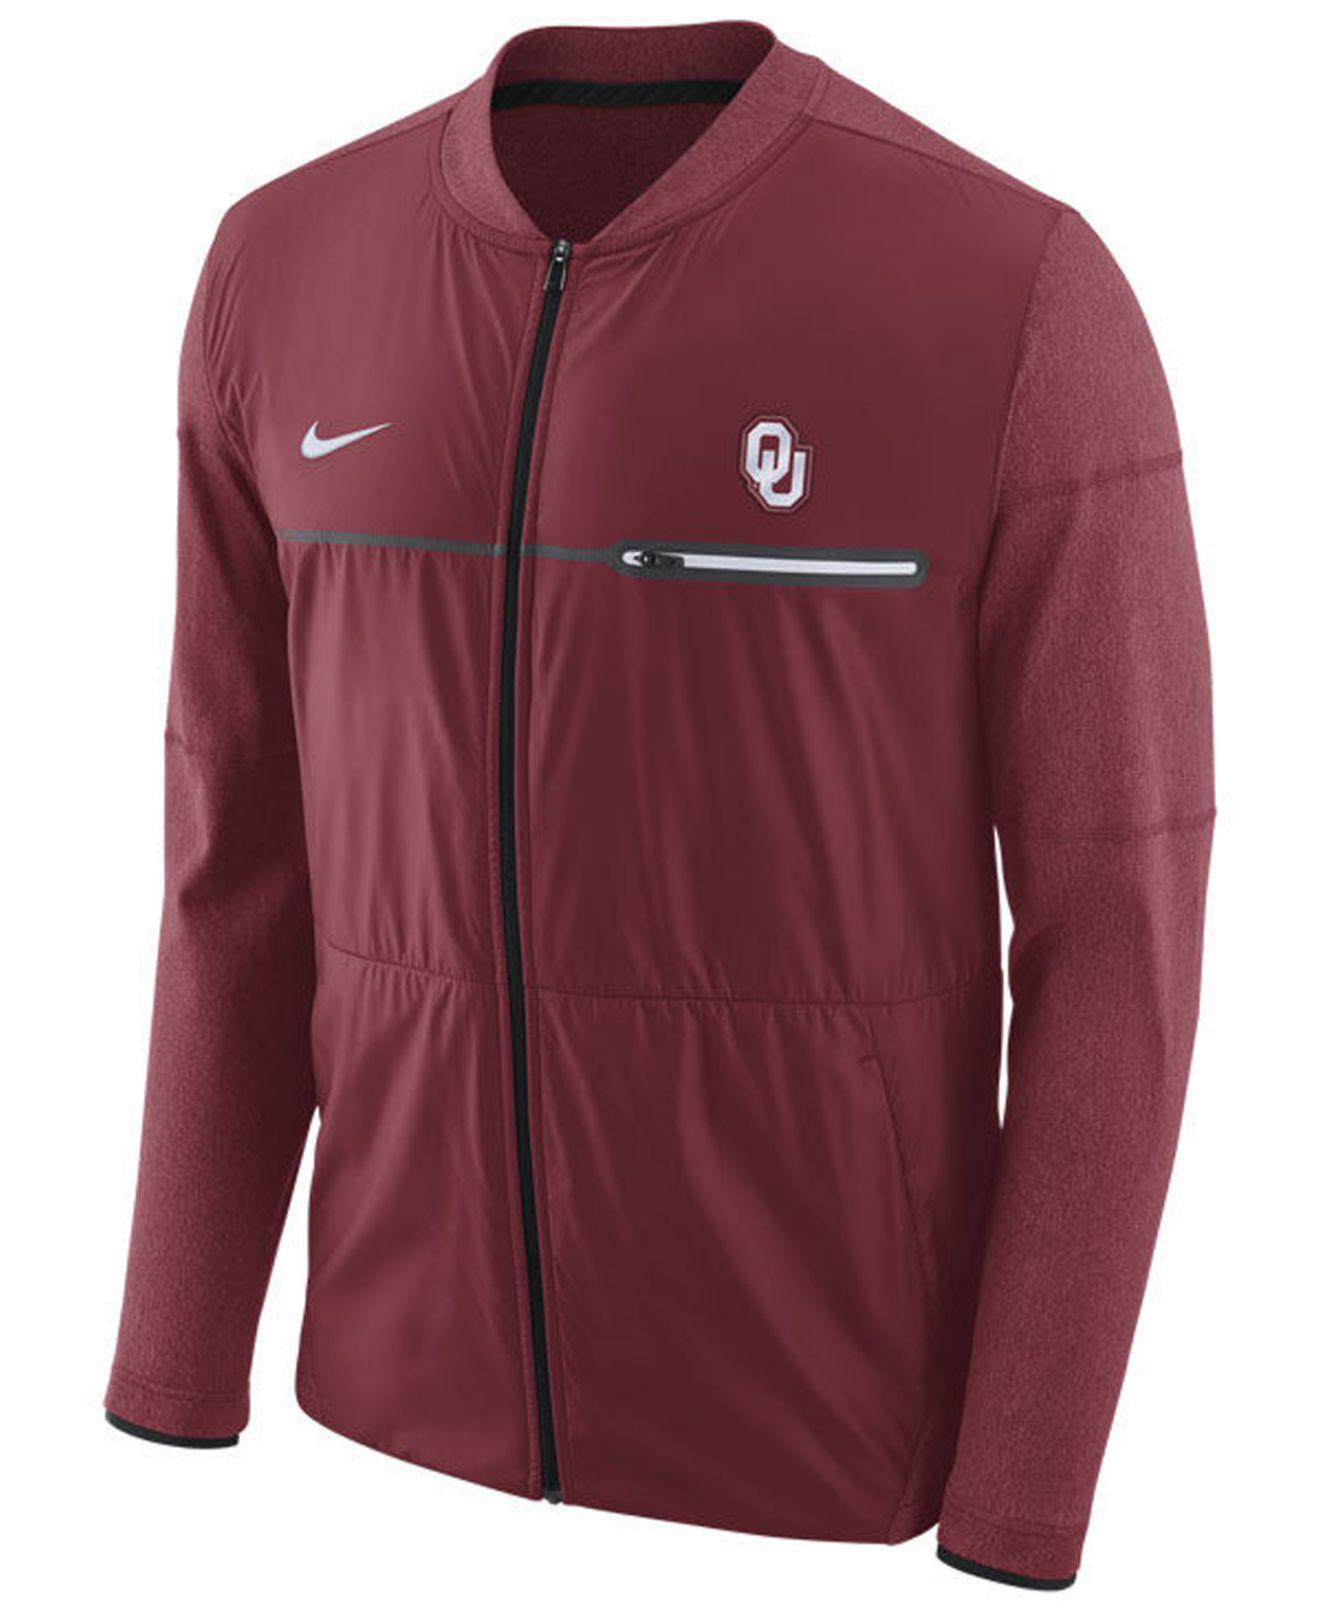 9b3ccfc7488e Lyst - Nike Men s Elite Hybrid Jacket in Red for Men